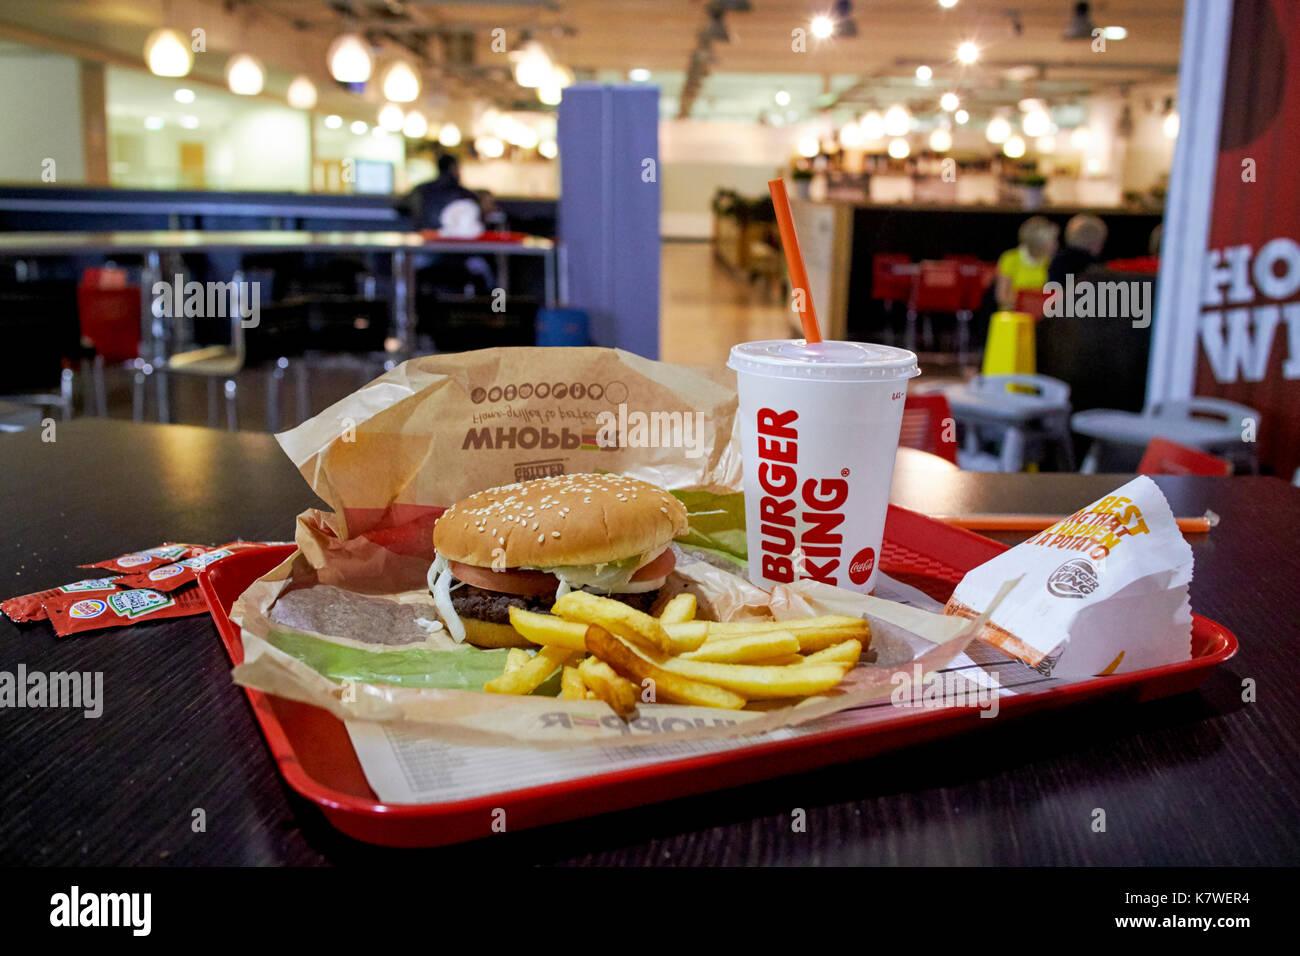 Burger King pasto su un vassoio in un ristorante in un aeroporto regionale nel Regno Unito durante la notte in attesa di un volo ritardato Immagini Stock